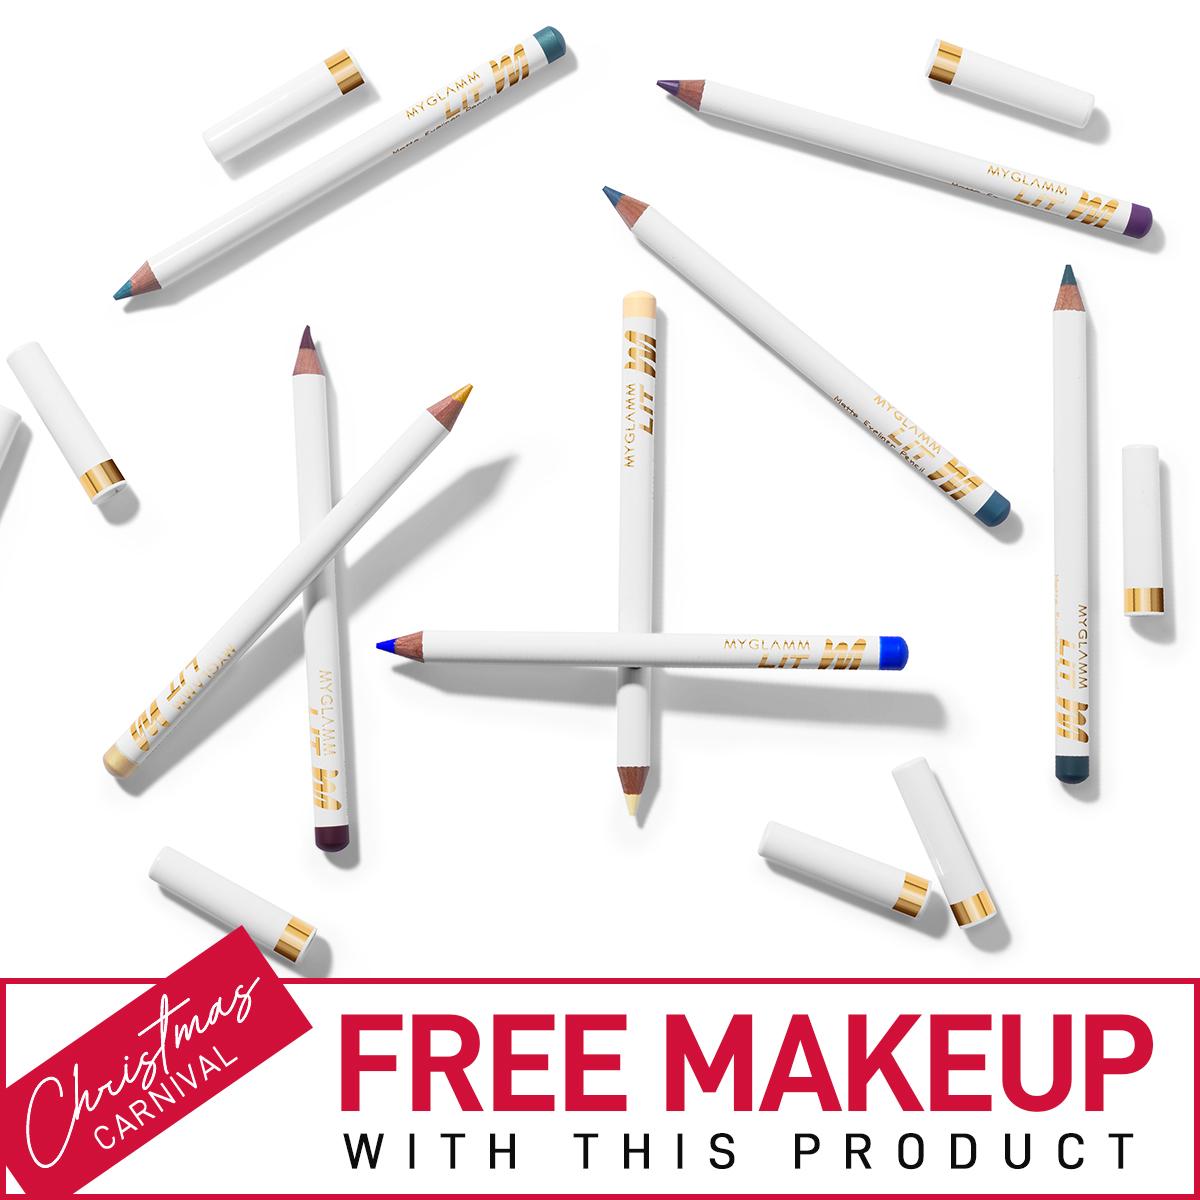 lit-matte-eyeliner-pencil